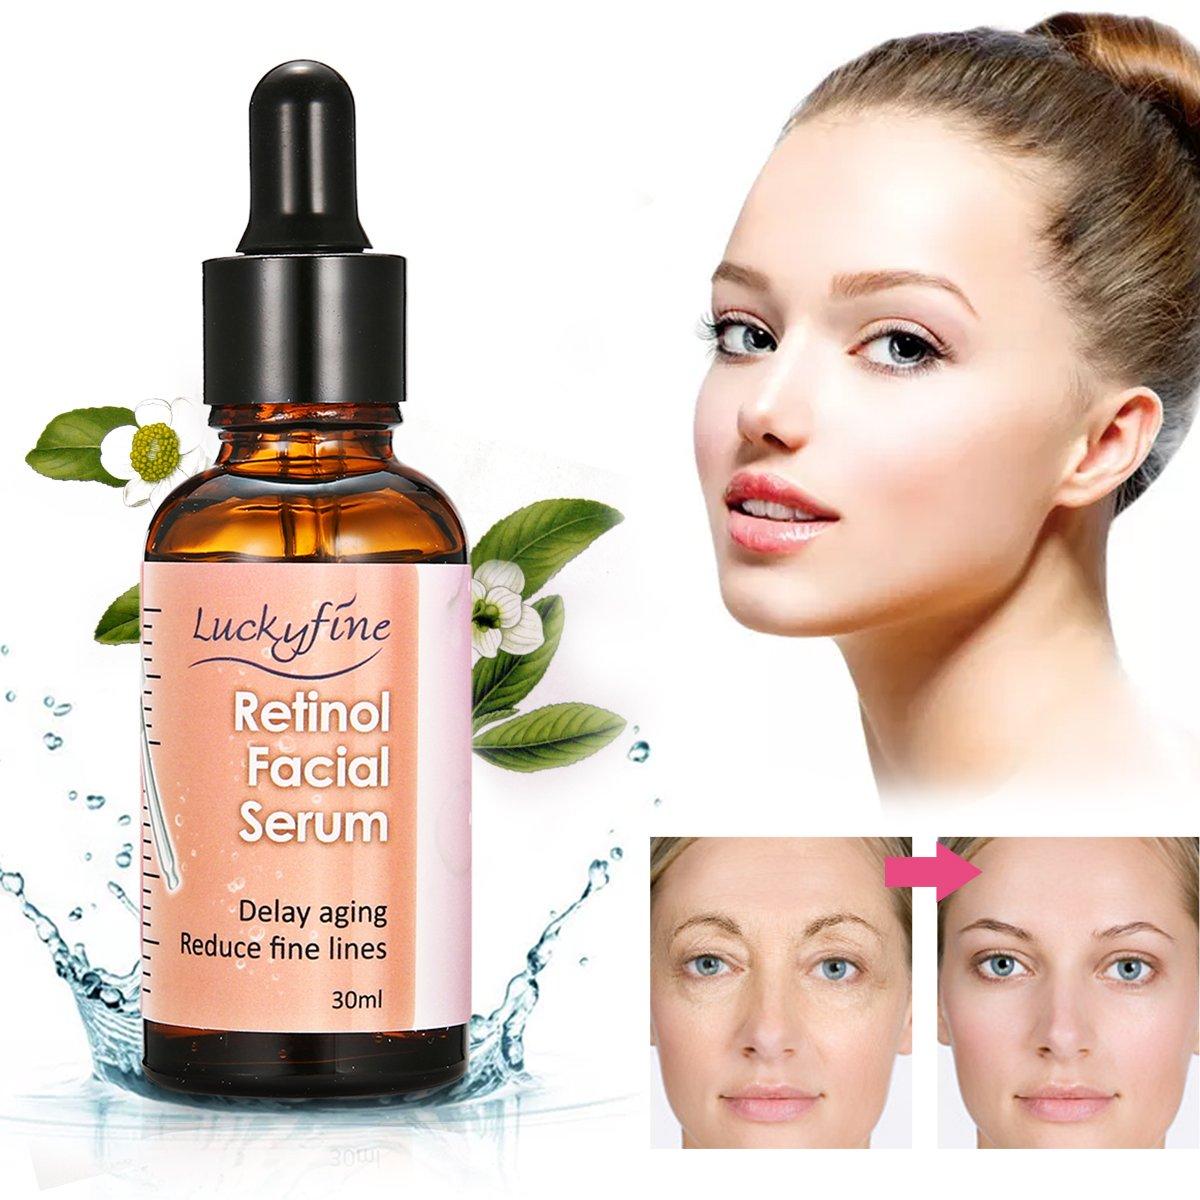 Hyaluronsäure Gesichtsserum, Luckyfine 2,5% Retinol Vitamin E Vitamin C Gesichtspflege Serum, Bestes